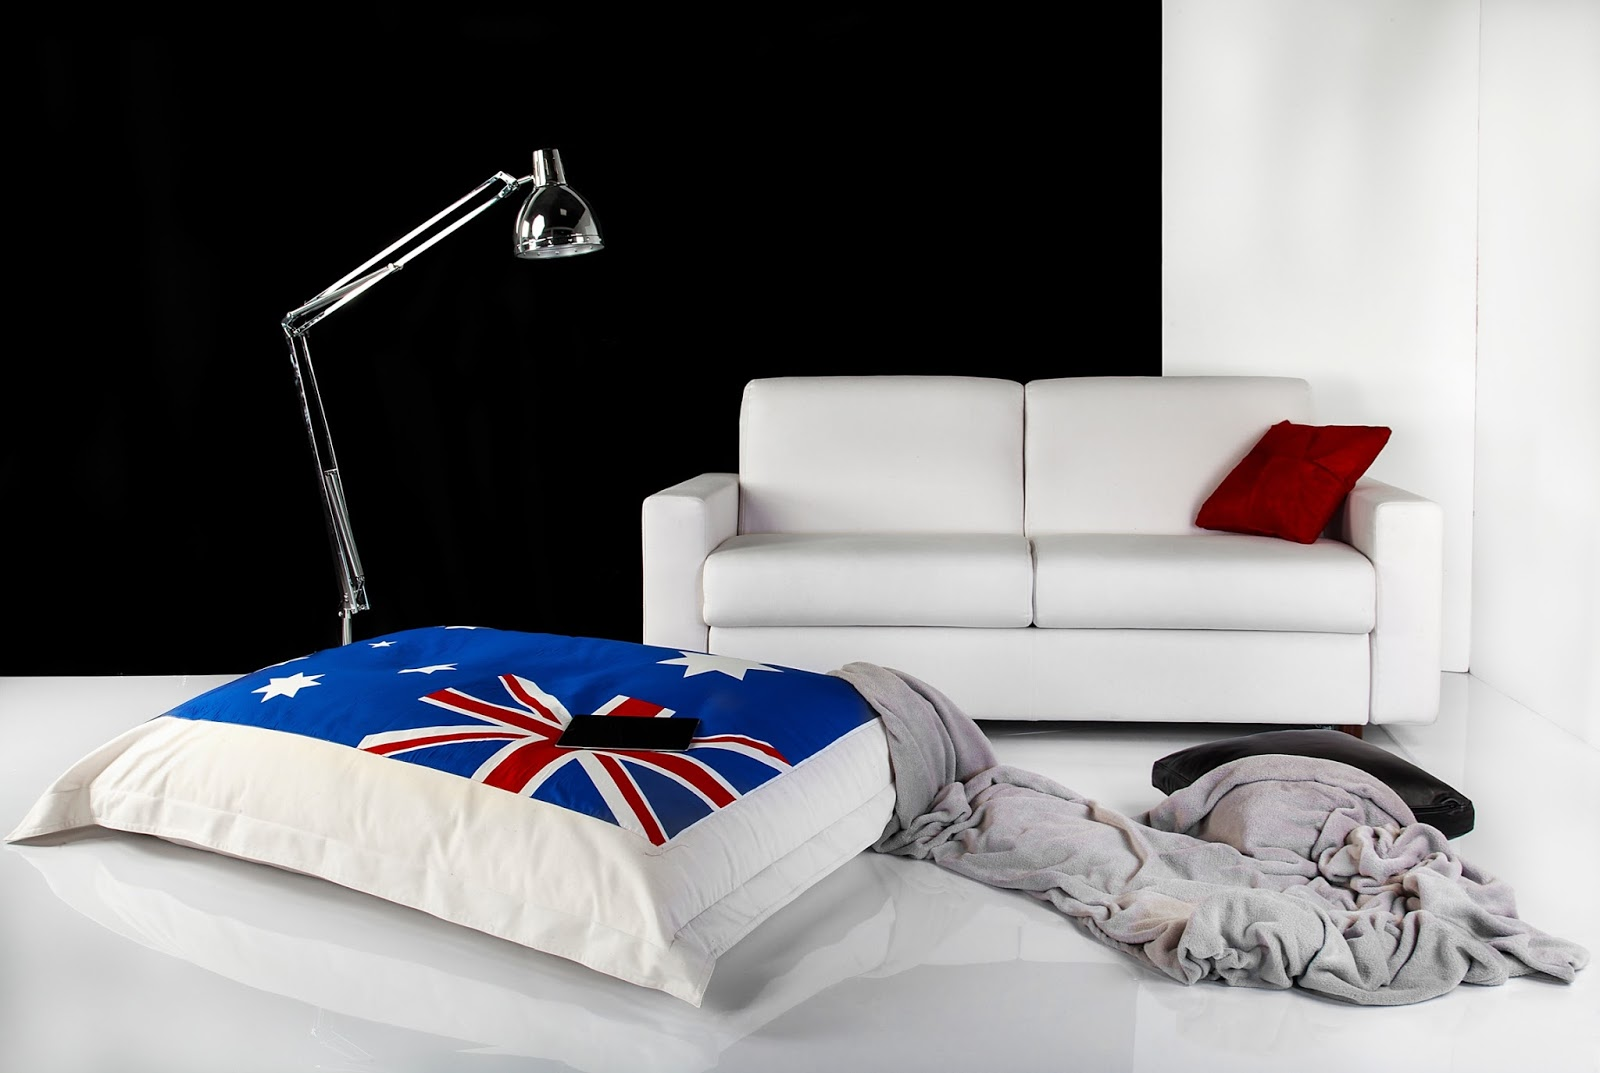 Divani blog tino mariani divano letto moderno e for Divano letto moderno